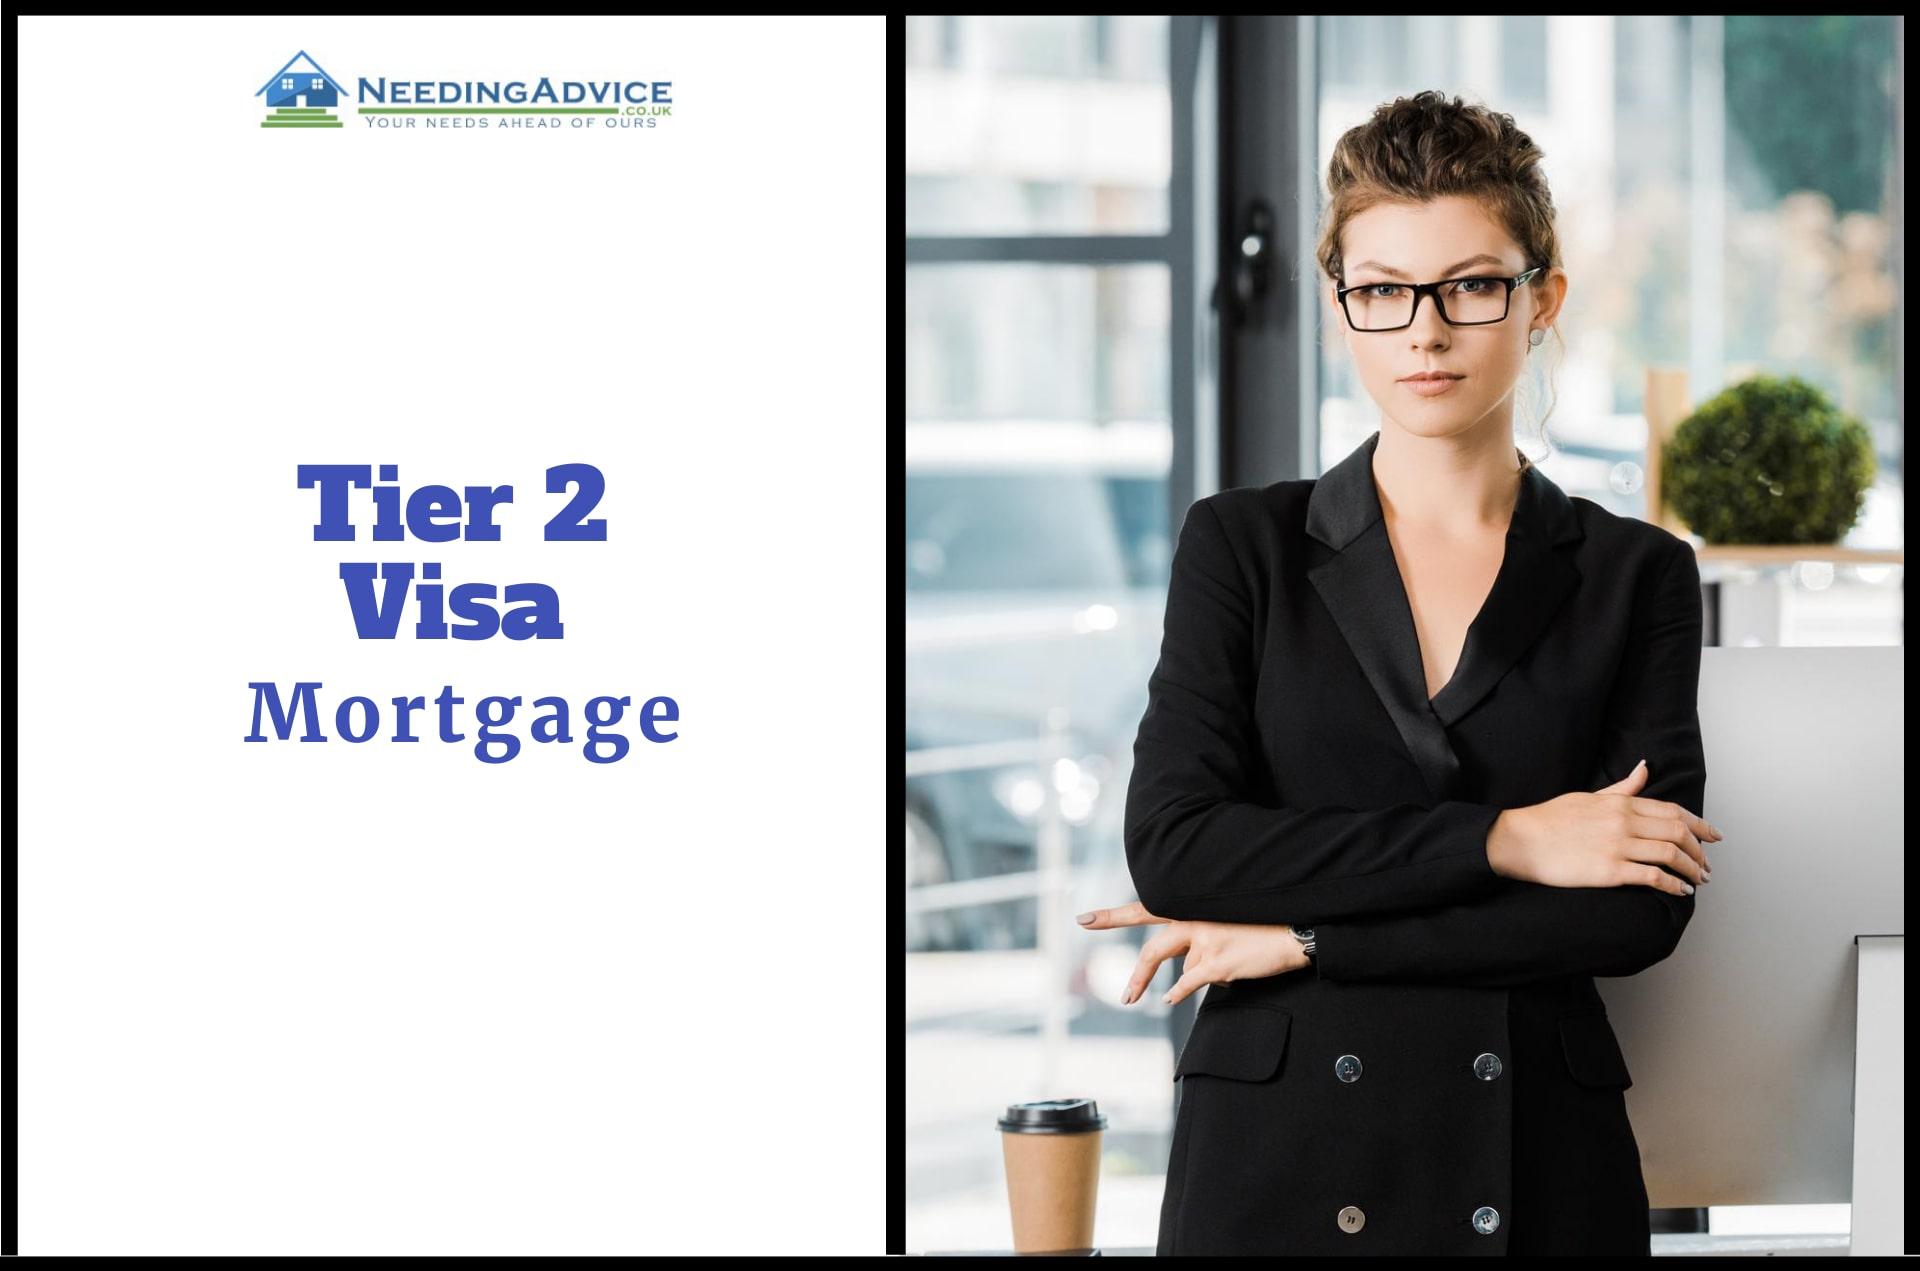 Tier 2 Visa Mortgage